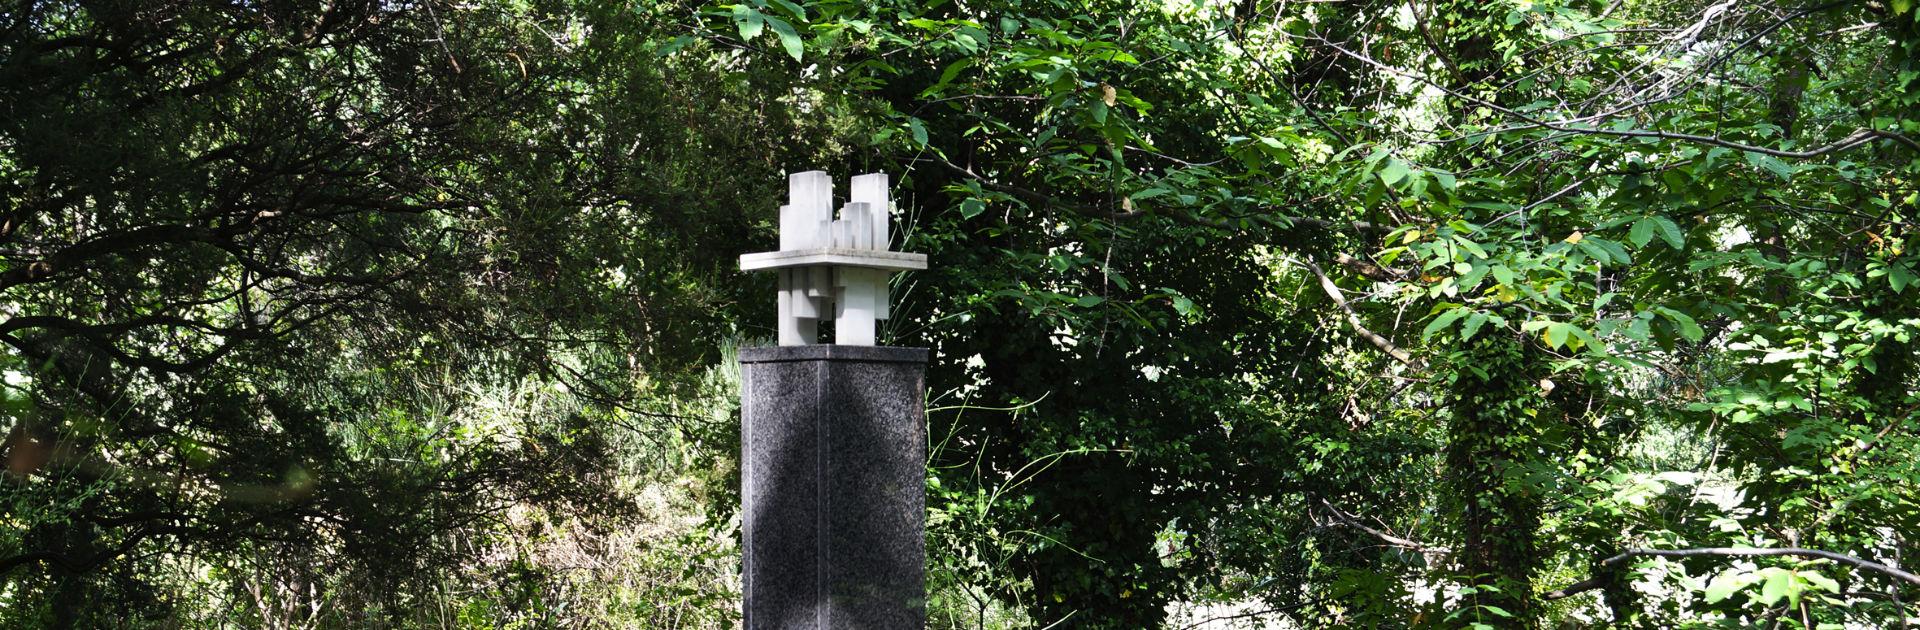 Artist Paul Talman at the Giardino di Daniel Spoerri